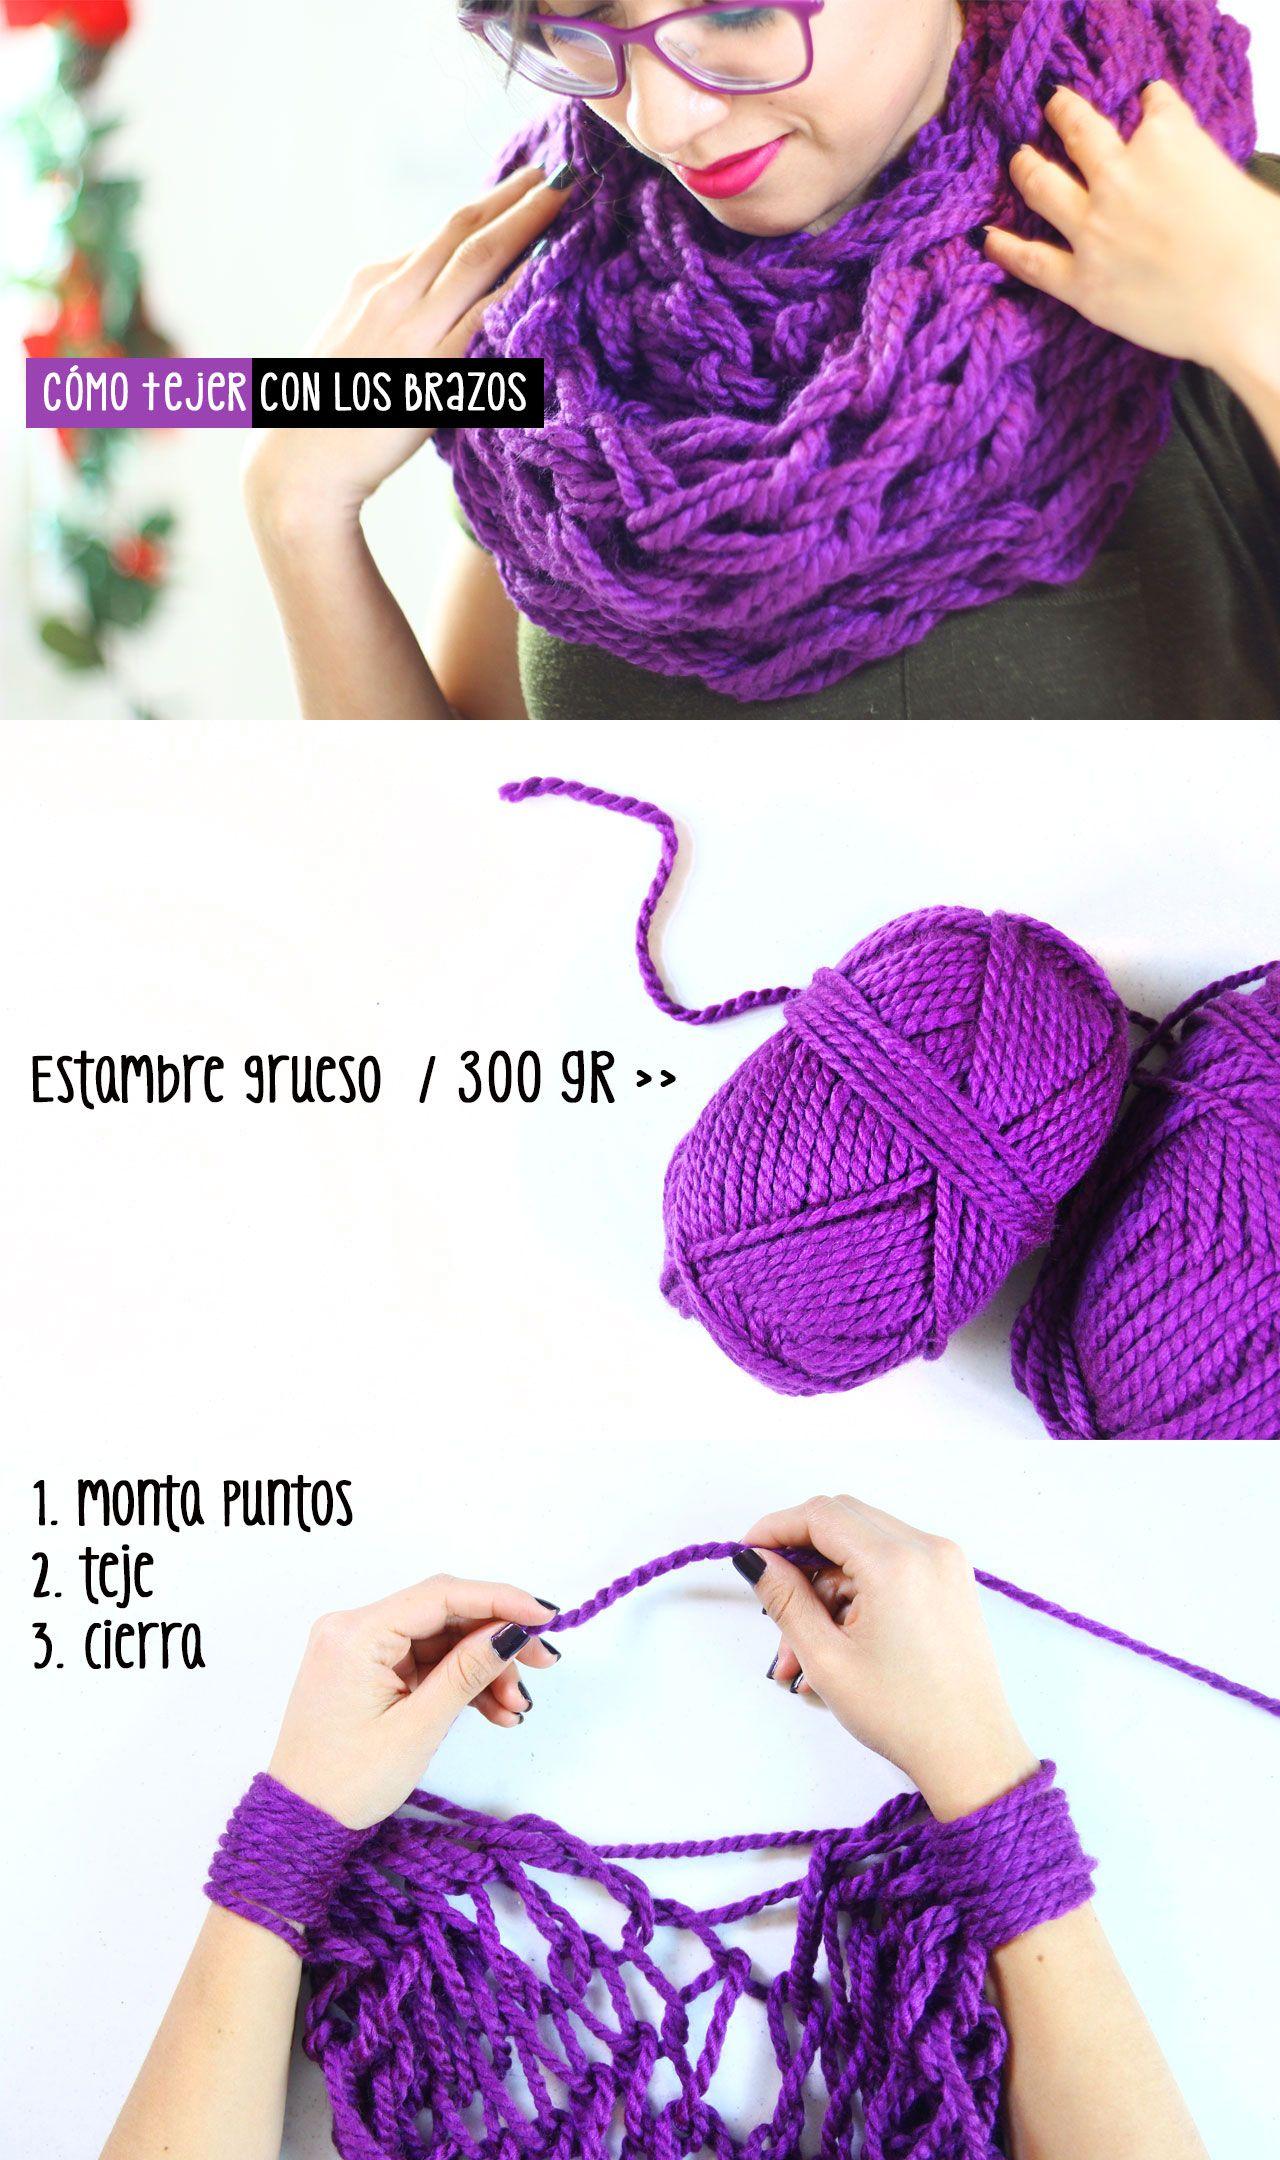 Bufanda en 30 minutos: cómo tejer con los brazos | tejer | Pinterest ...